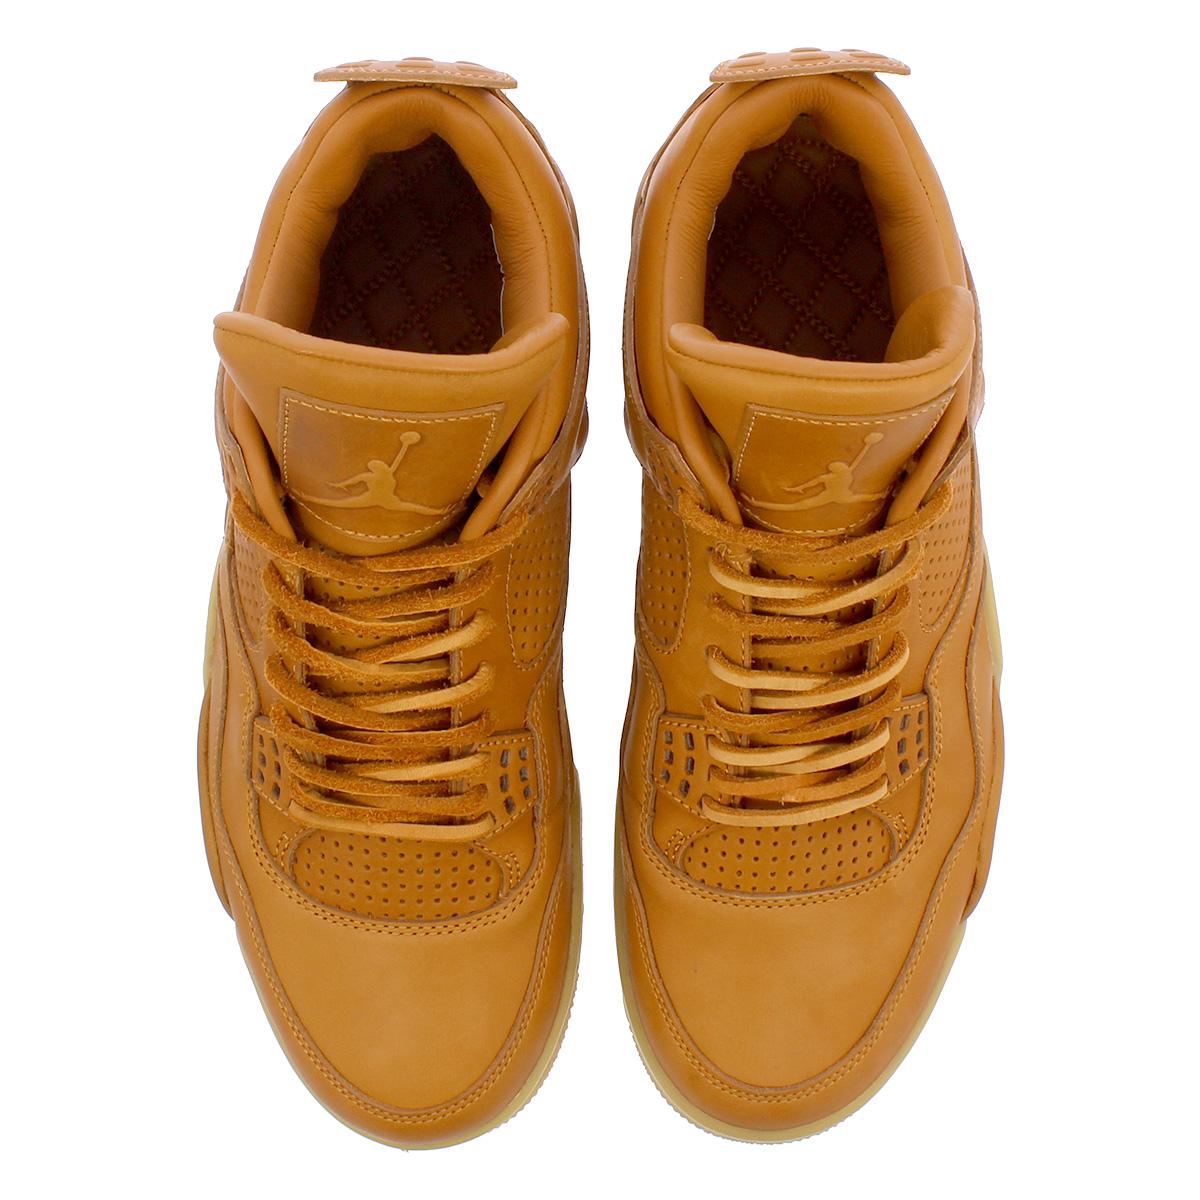 NIKE AIR JORDAN 4 PREMIUM Nike air Jordan 4 nostalgic premium GINGER GUM  YELLOW 819 50288b2fd